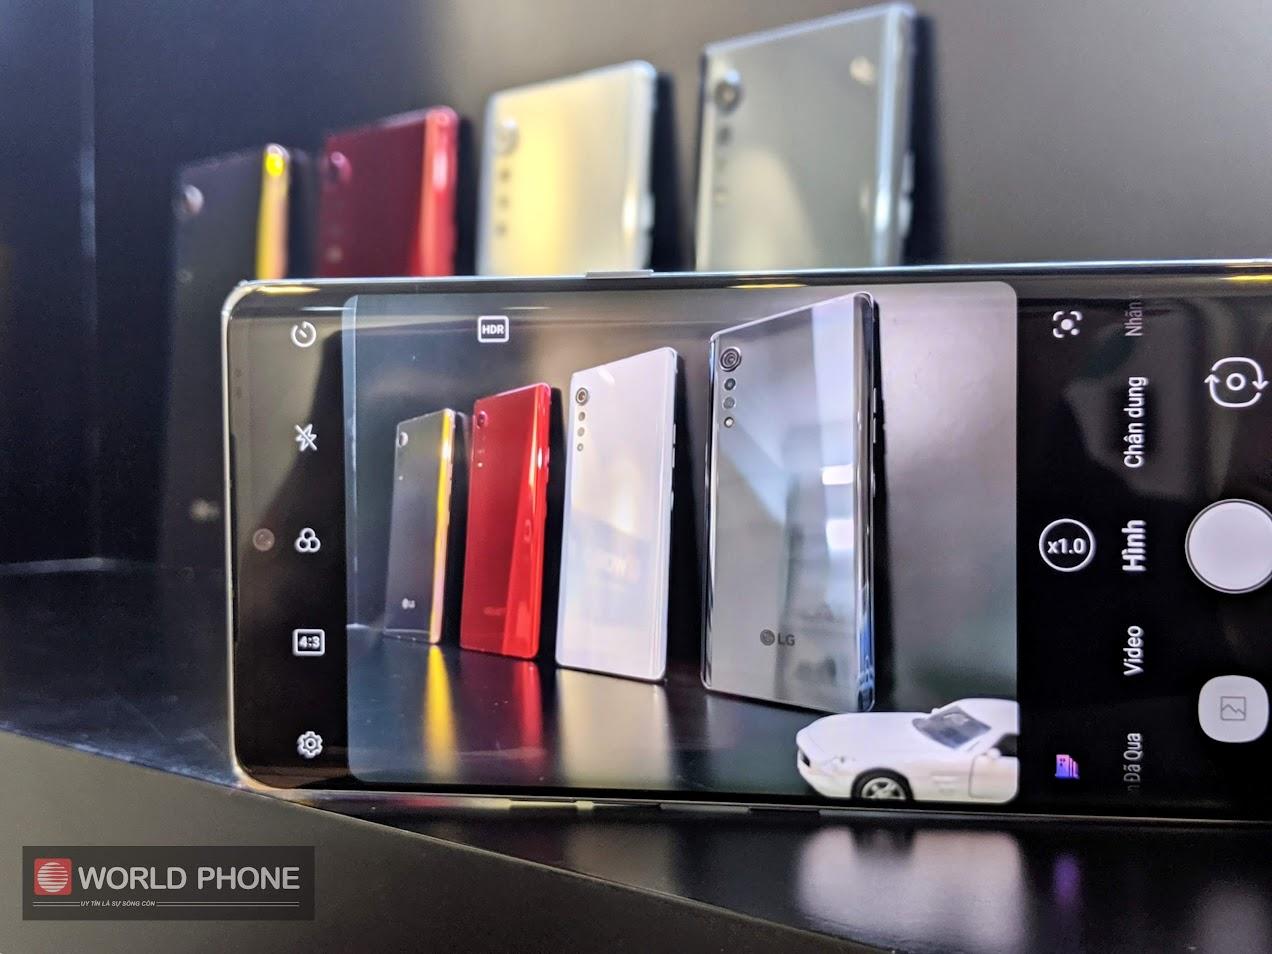 Hệ thống camera của LG Velvet bao gồm cảm biến chính 48 MP, camera góc rộng 8 MP và cảm biến độ sâu 5 MP